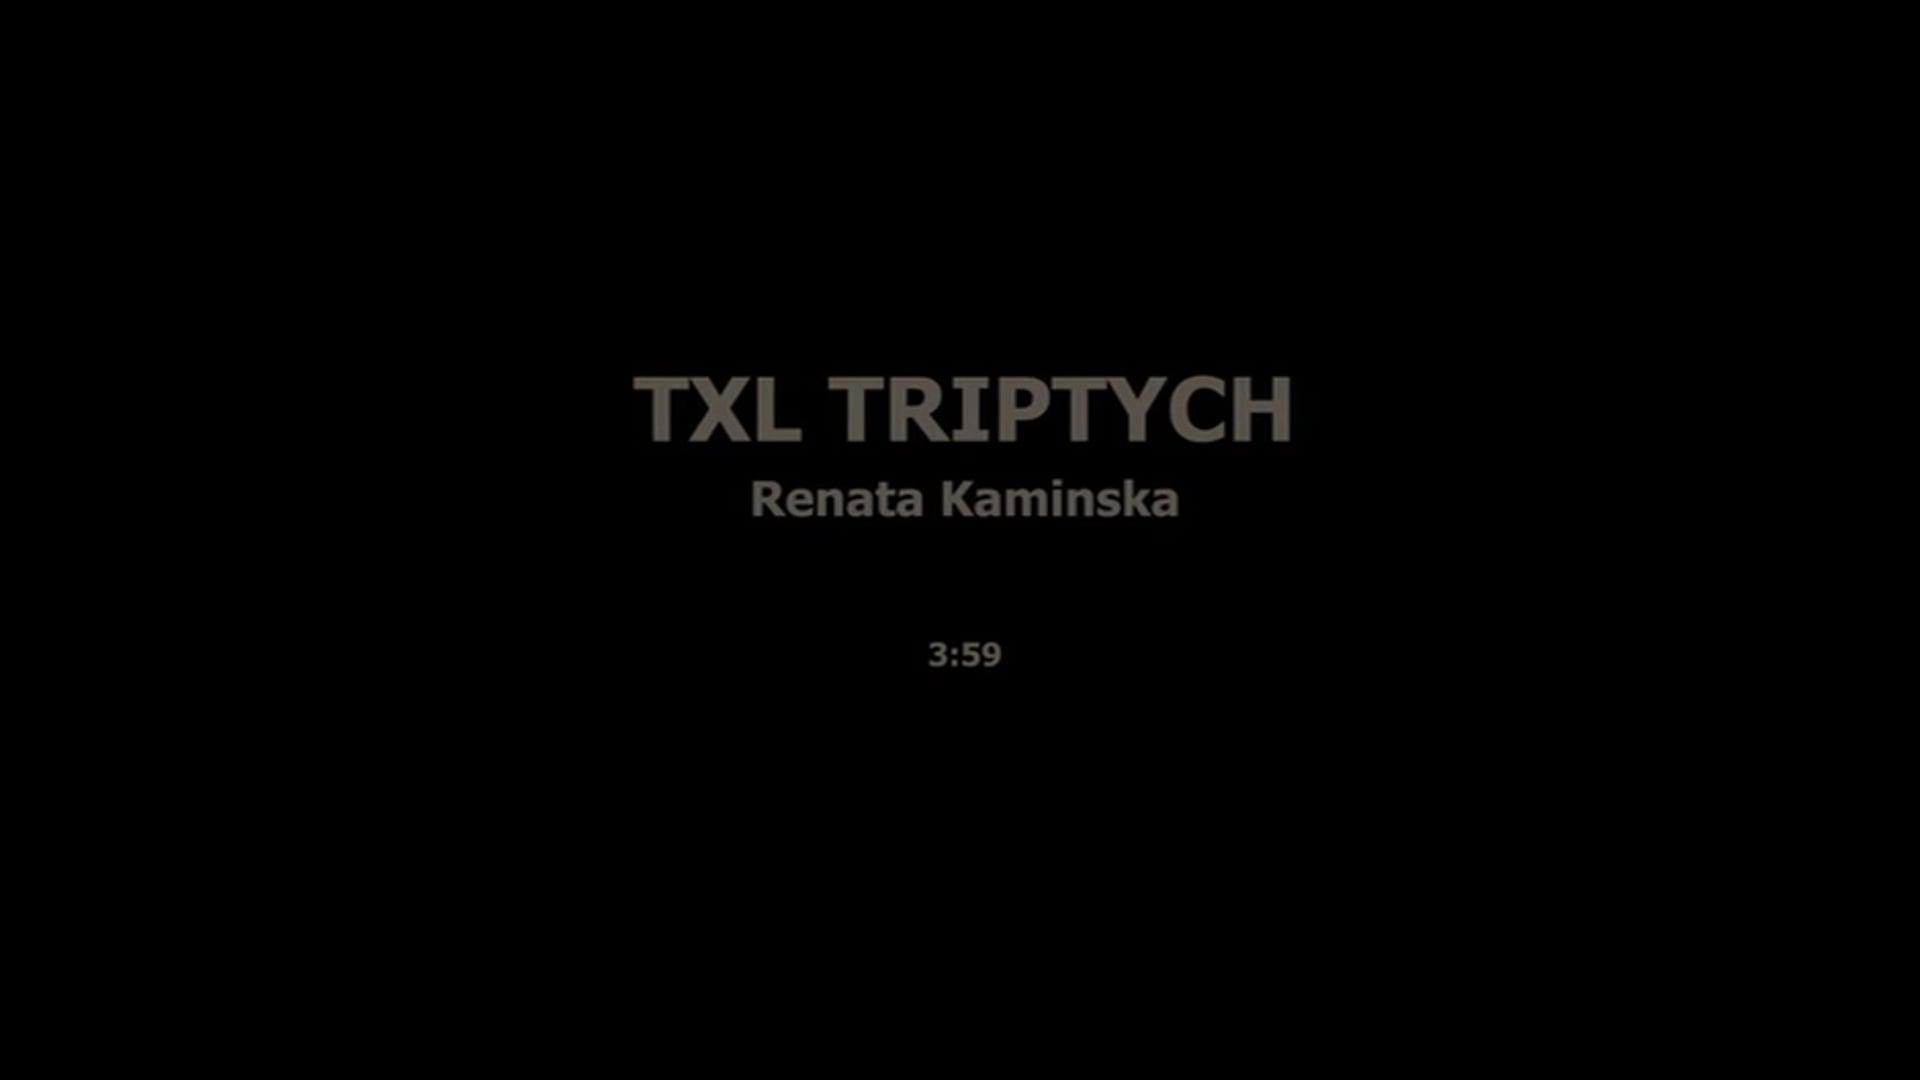 TXL TRIPTYCH - RENATA KAMINSKA